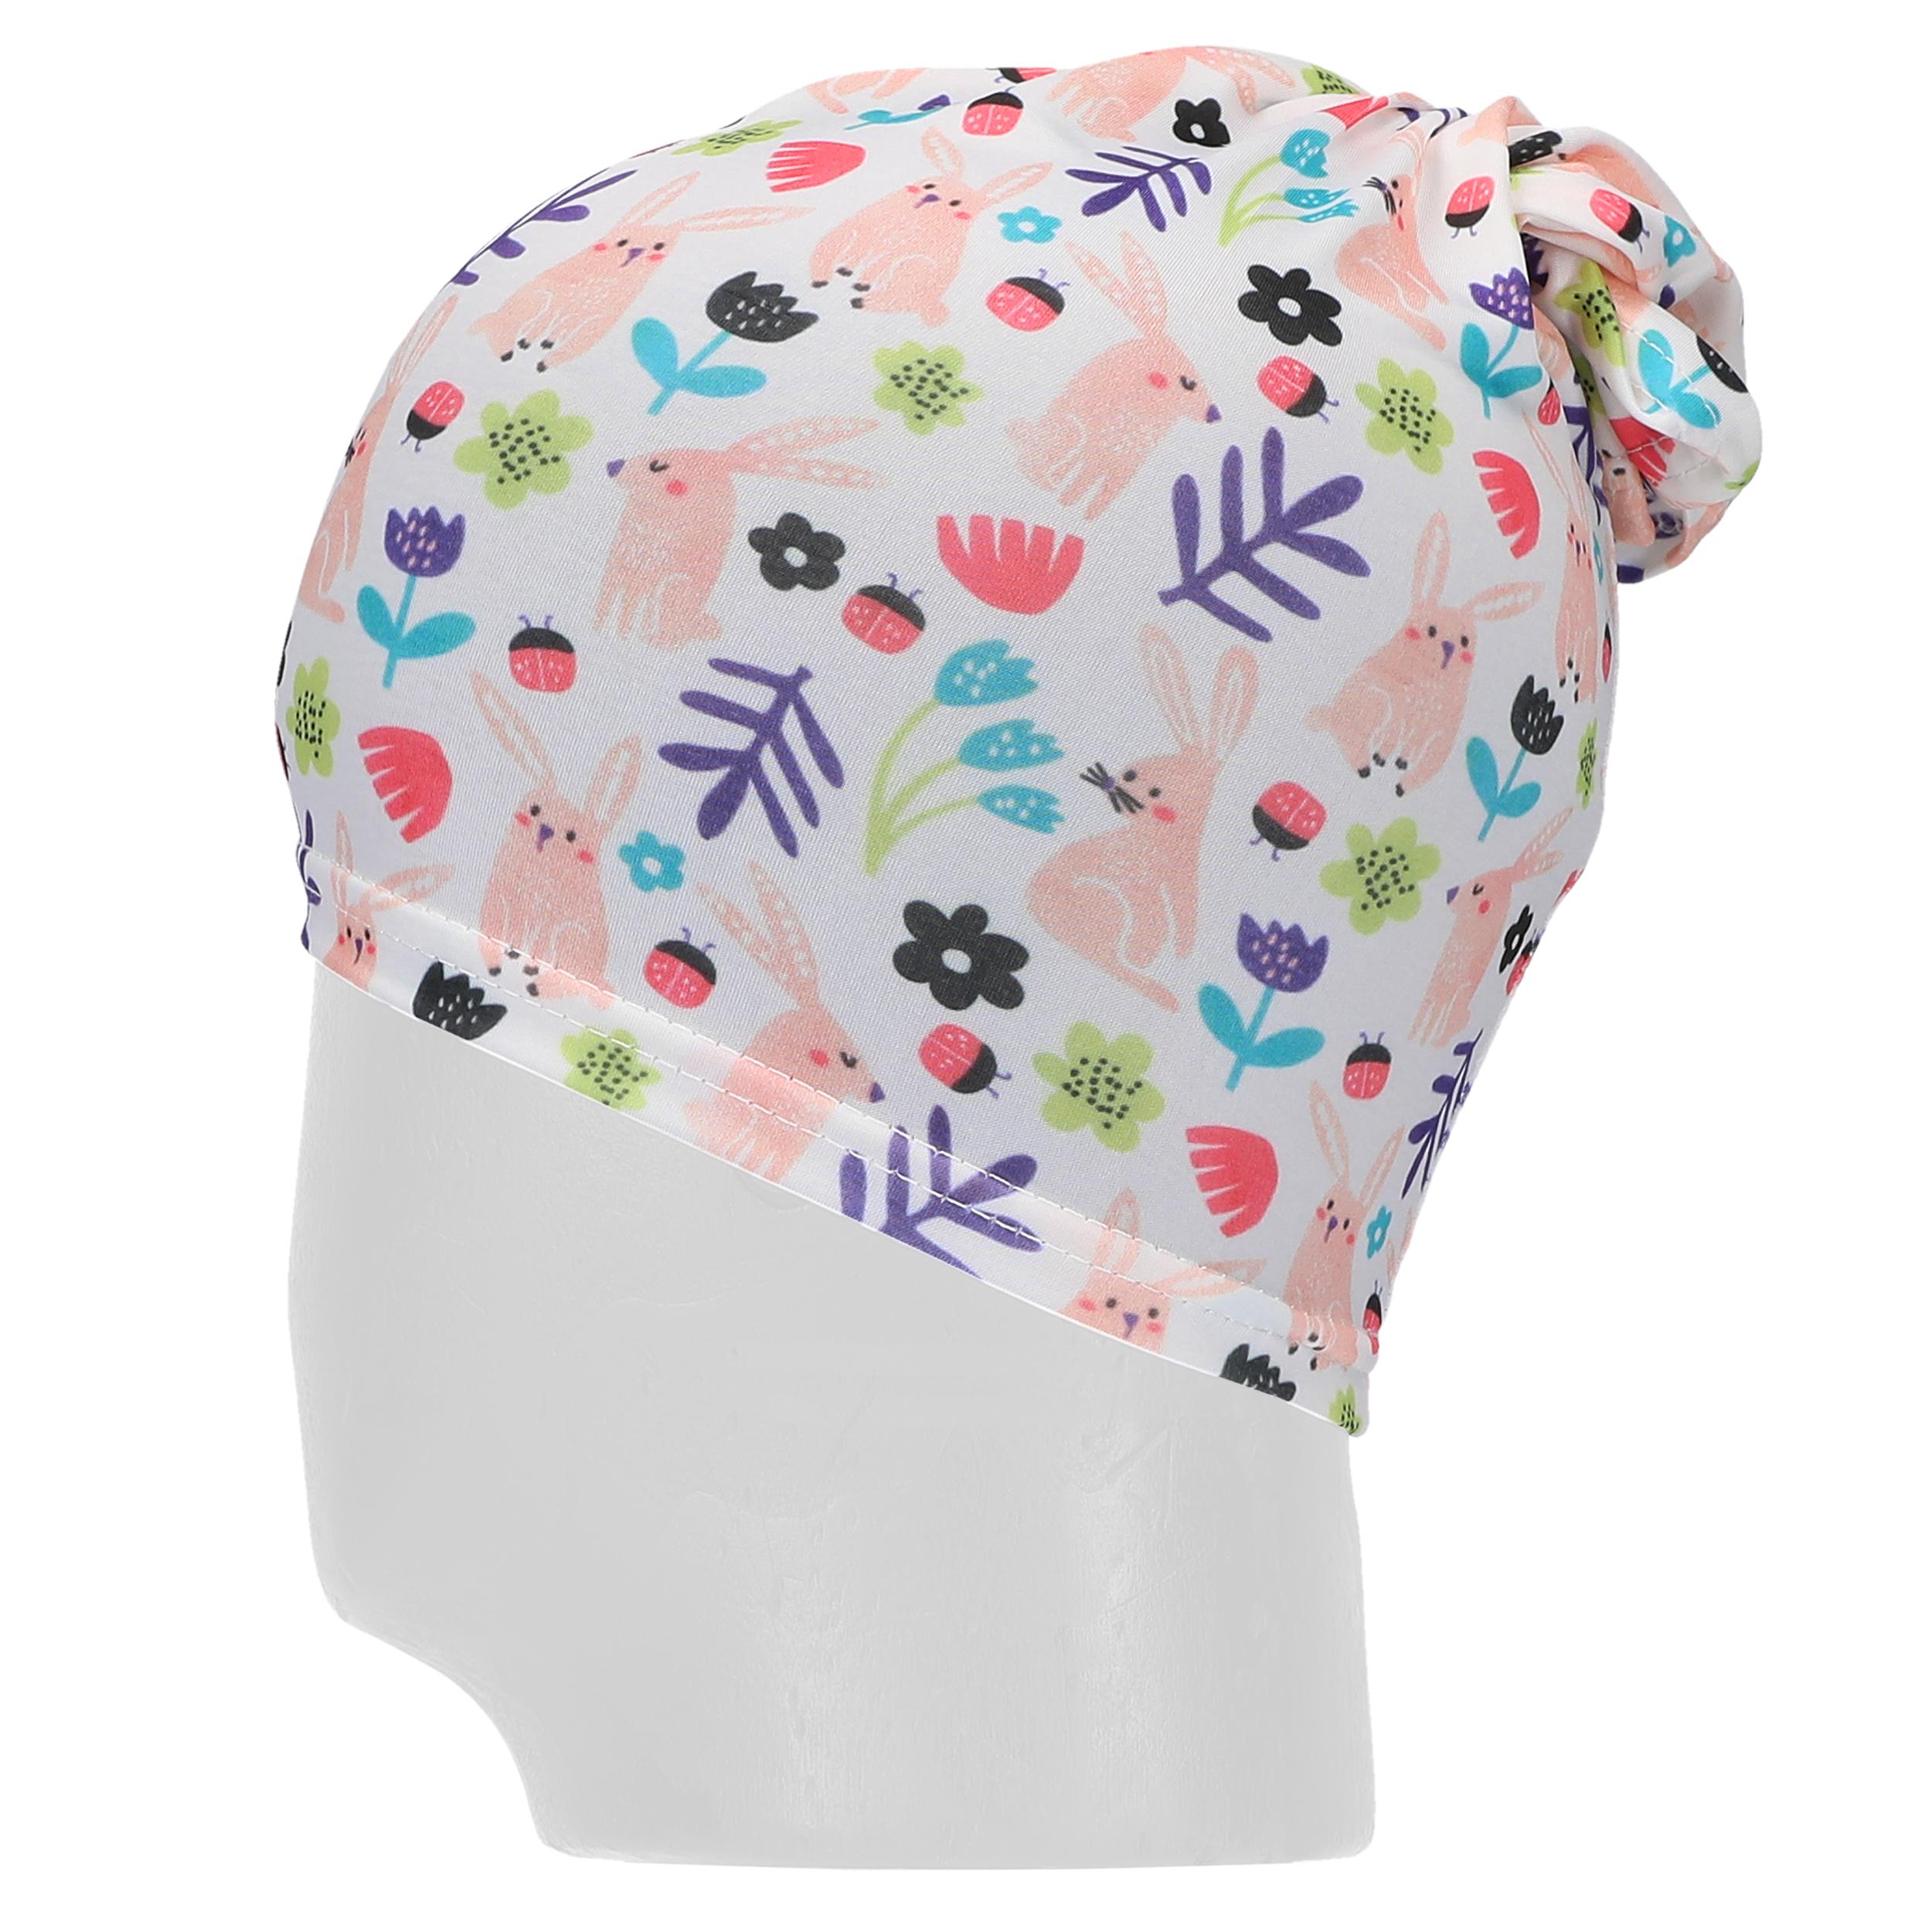 Indexbild 127 - Kinder Schlauchschal Maske Gesichtsmaske Mund Nase Bedeckung Halstuch waschbar